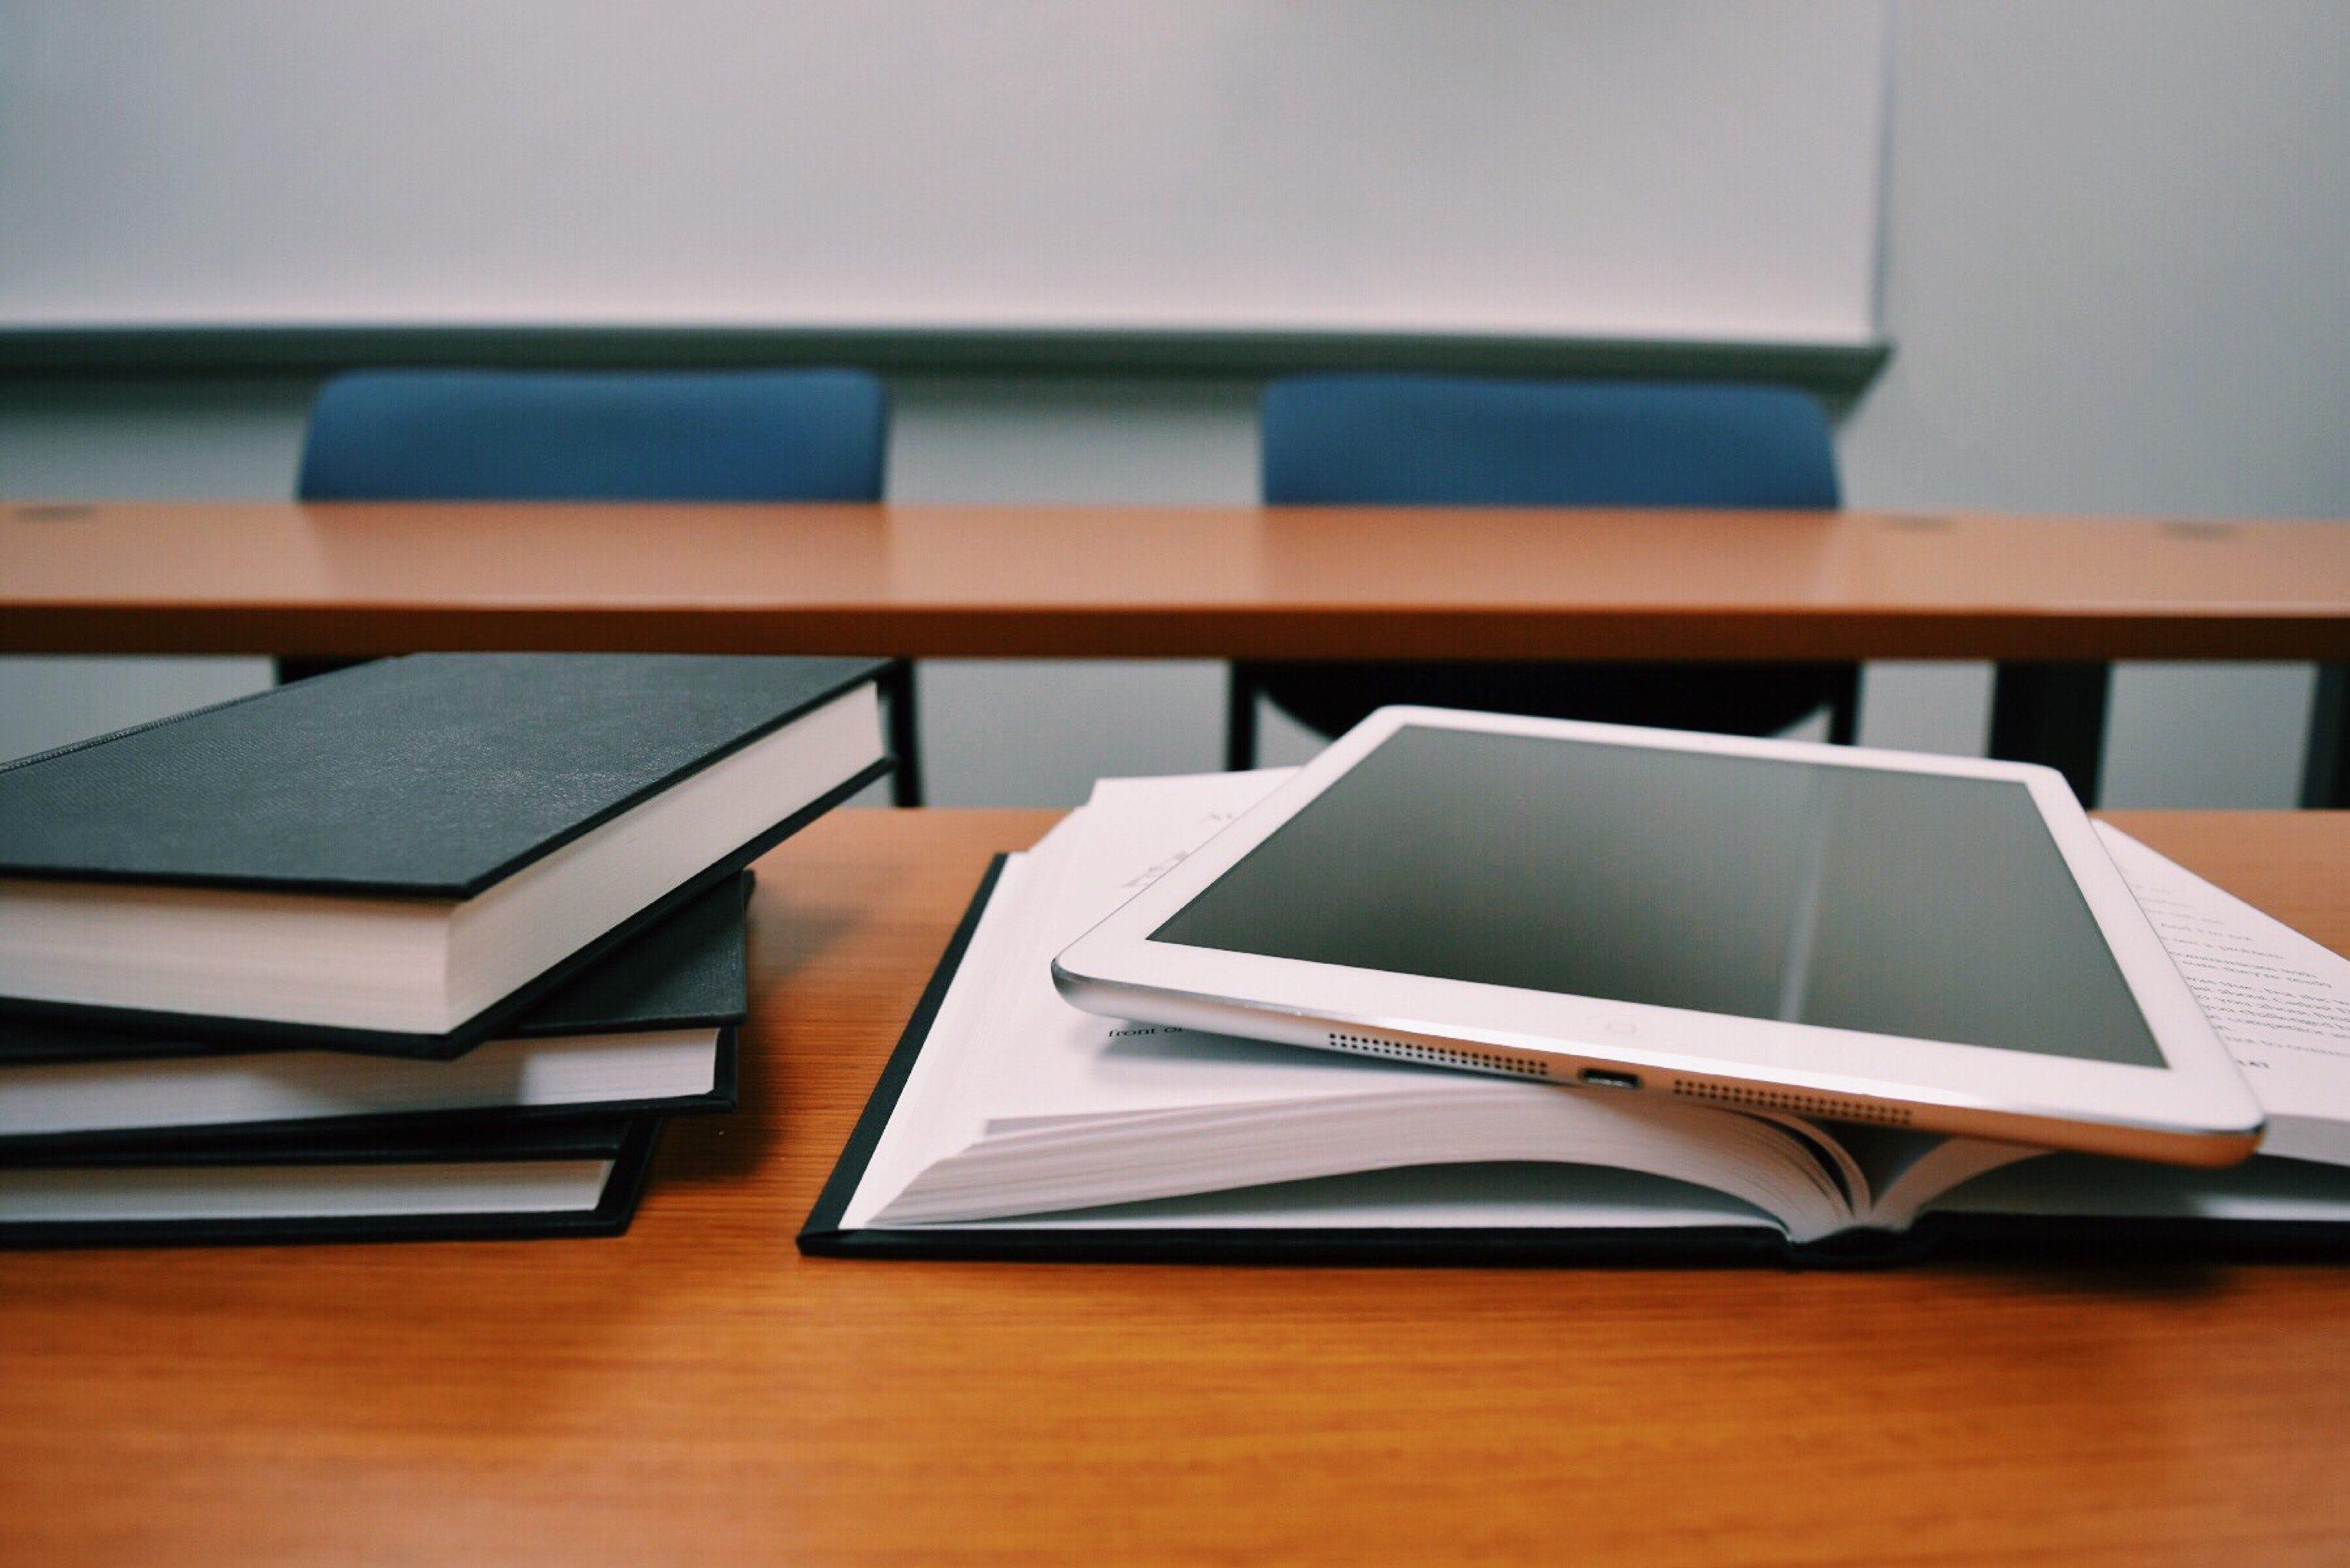 תמונה של ספרים בכיתה